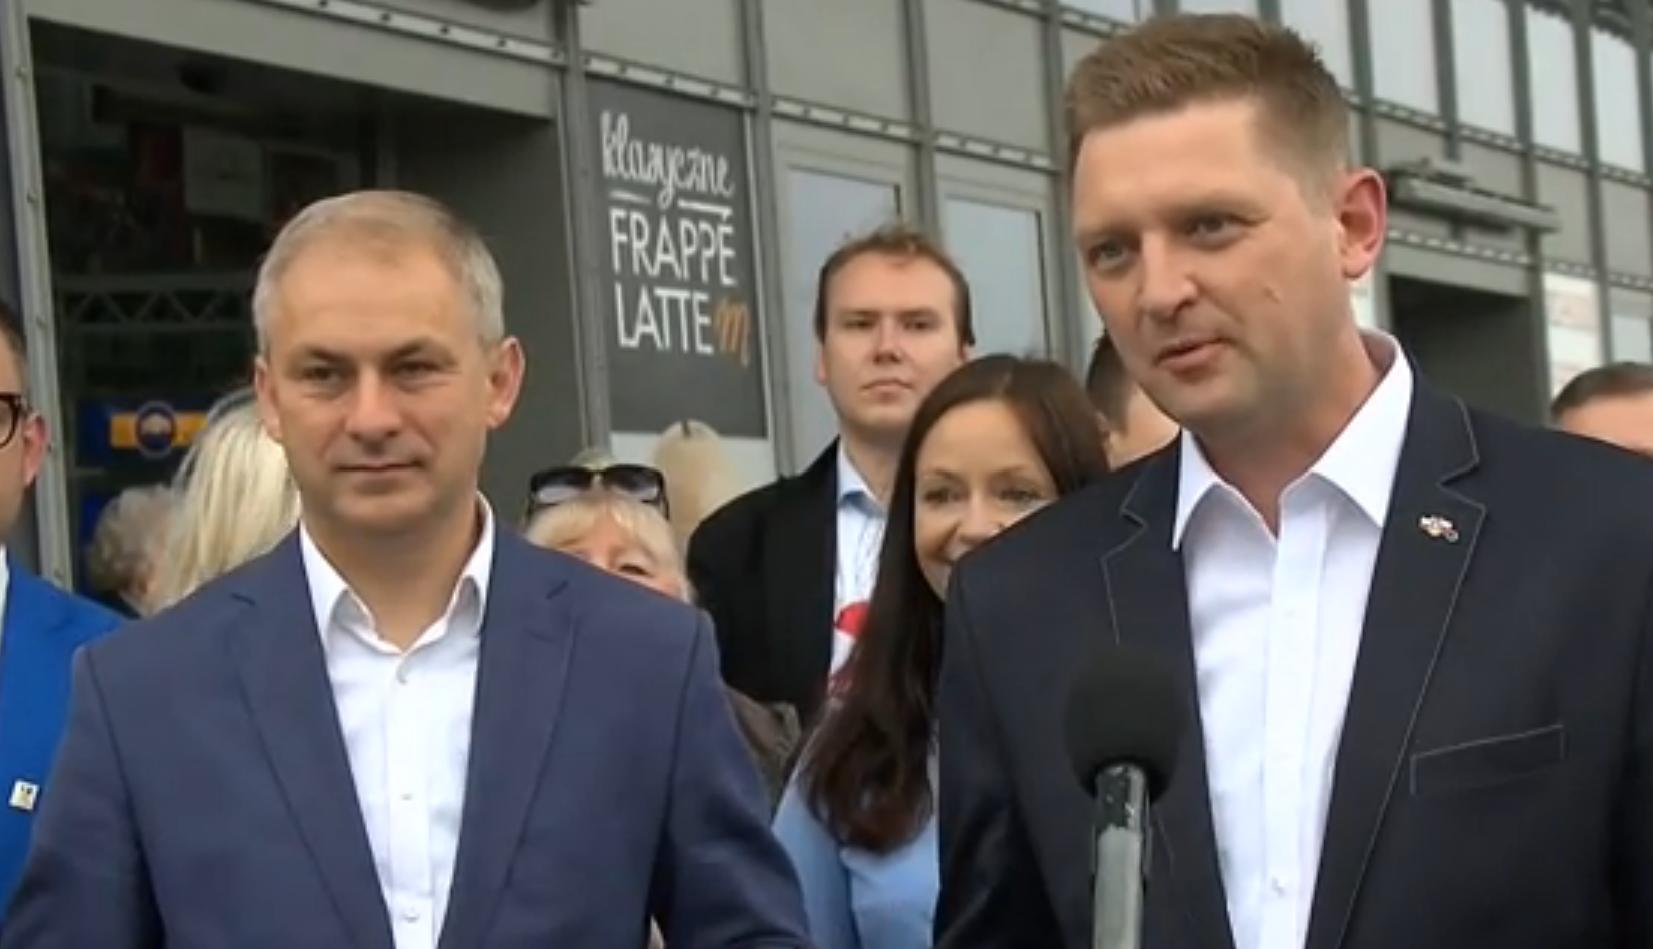 Biało-Czerwoni – nowa partia Napieralskiego i Rozenka